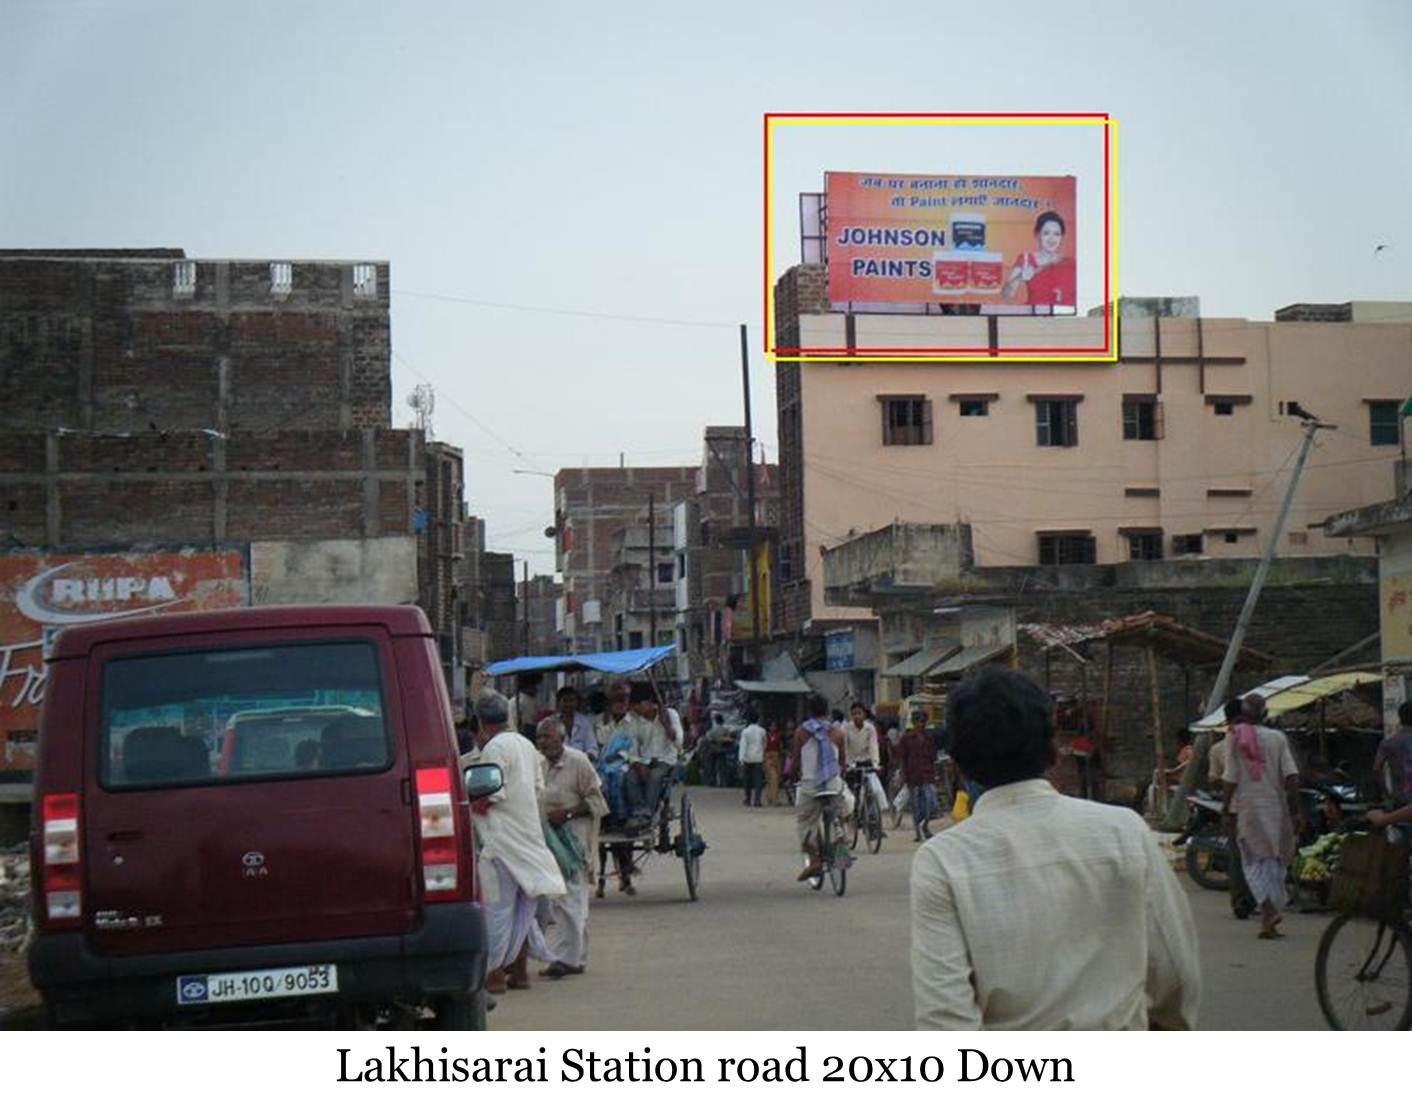 Station Rd, Lakhisarai